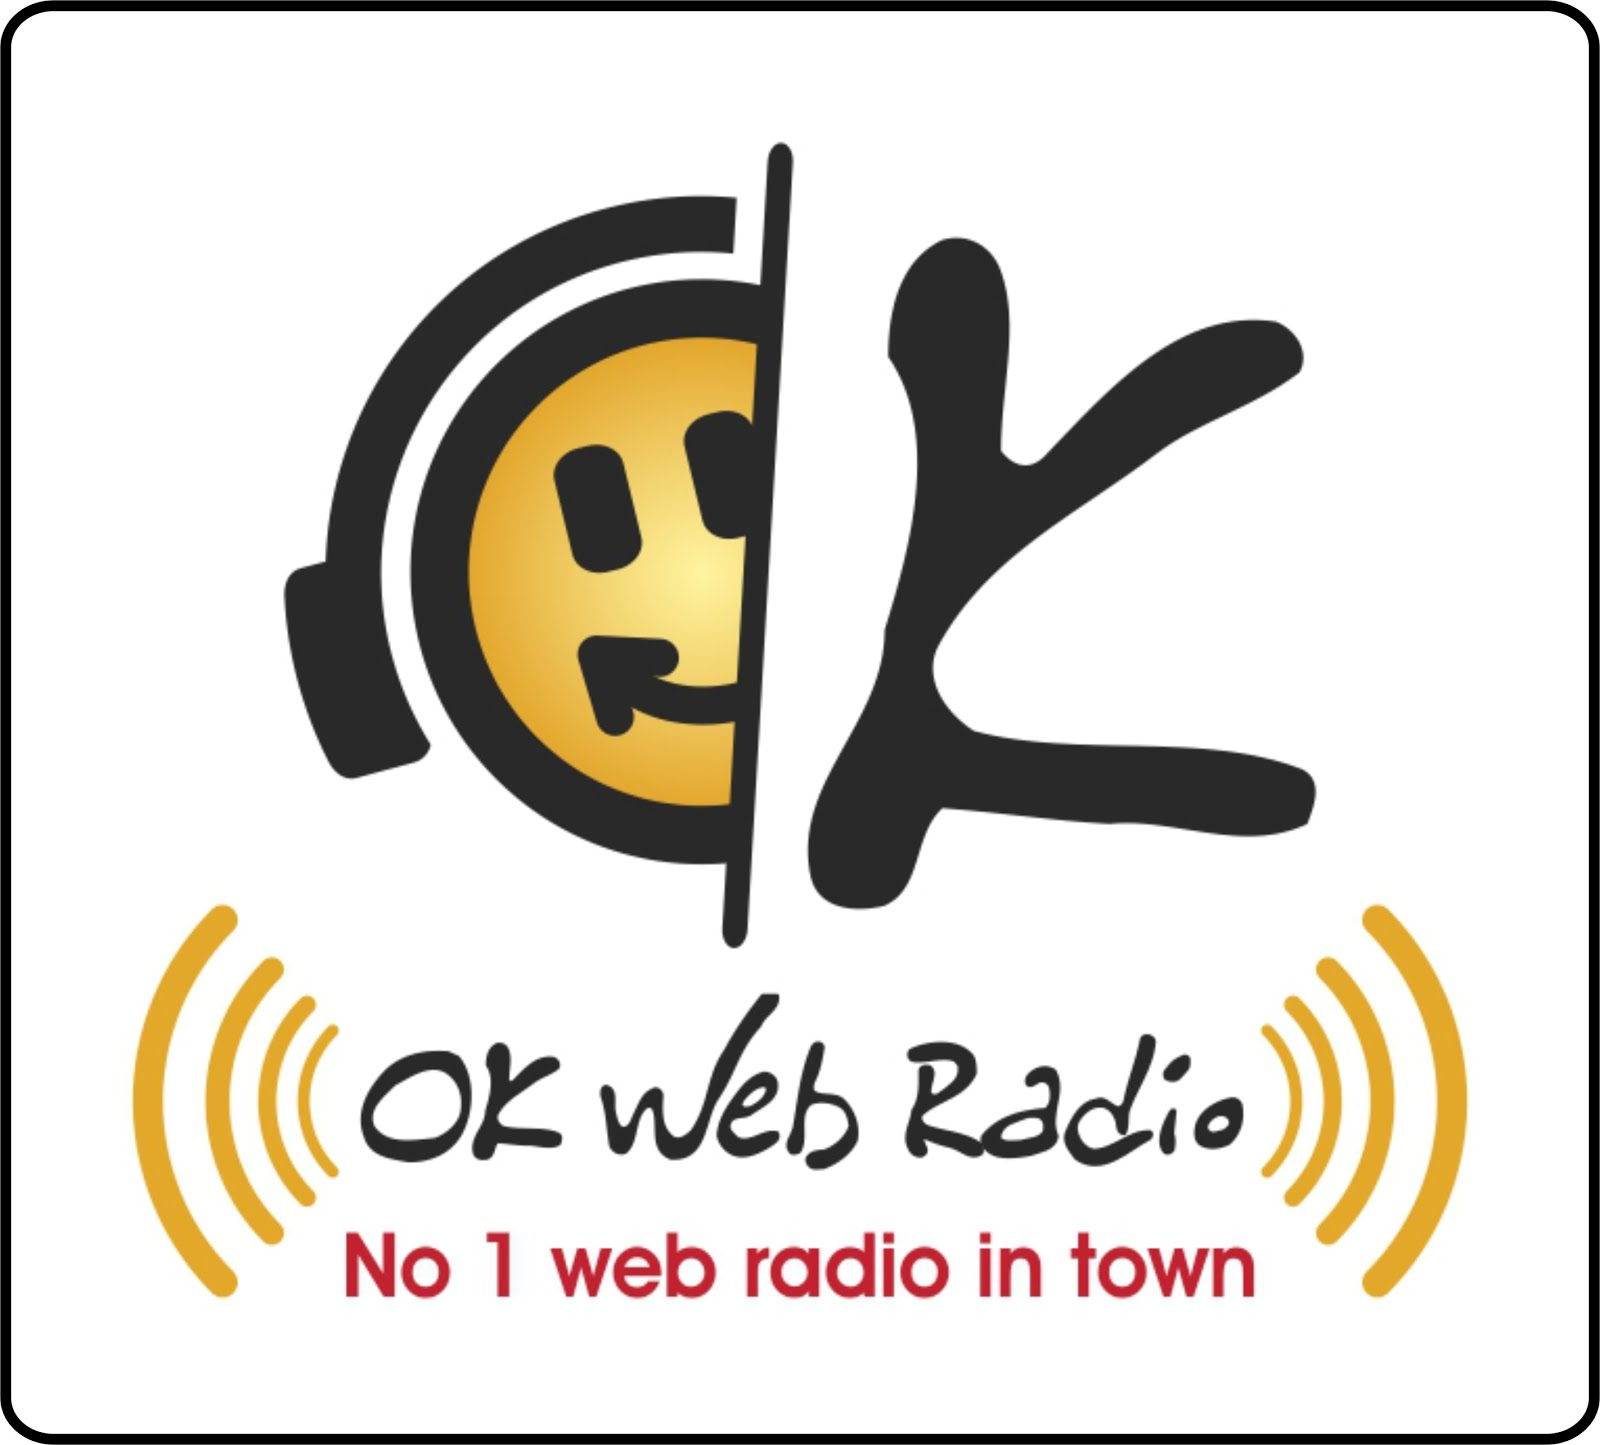 OK Web Radio - Kilkis